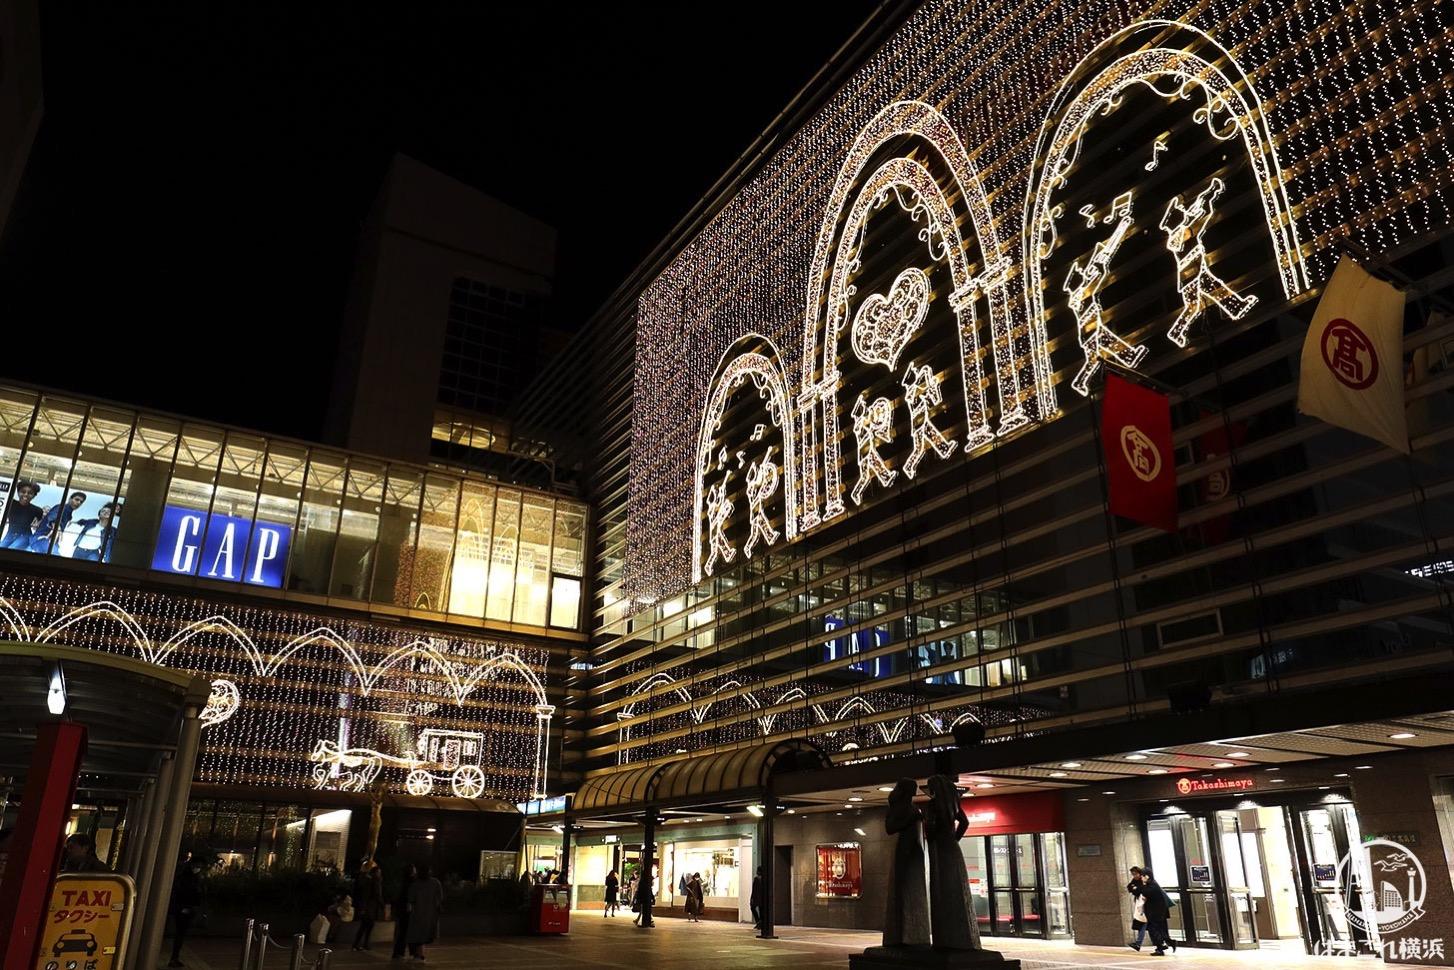 横浜駅西口、イルミネーションと音楽で駅前が華やかに彩られる!